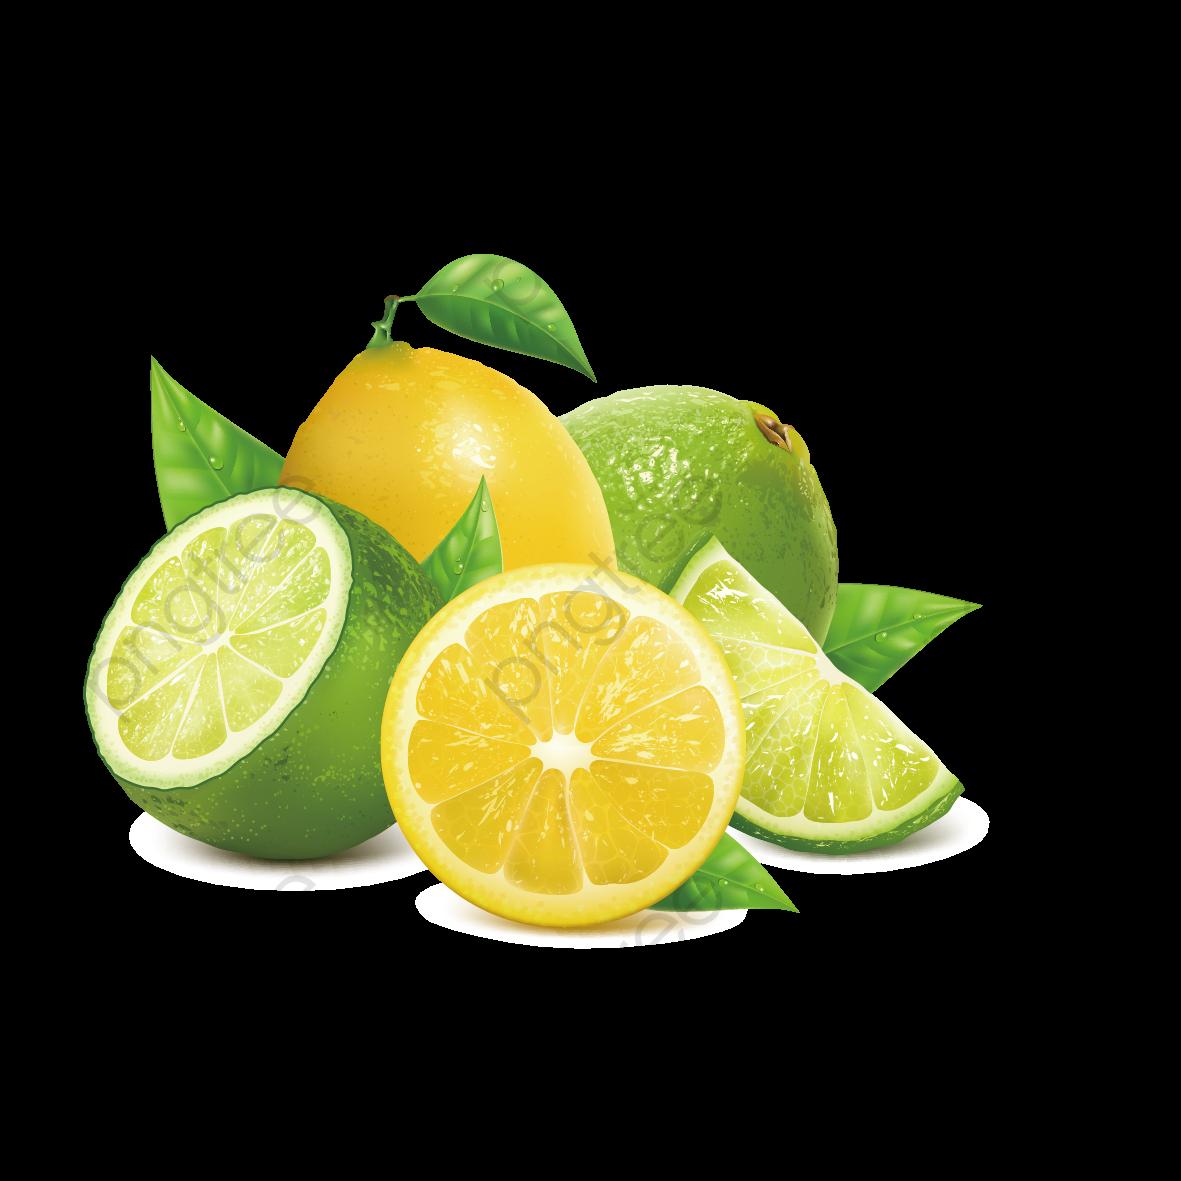 Vector Lime And Yellow Lemon, Lemon, Lime, Lemon Yellow PNG.